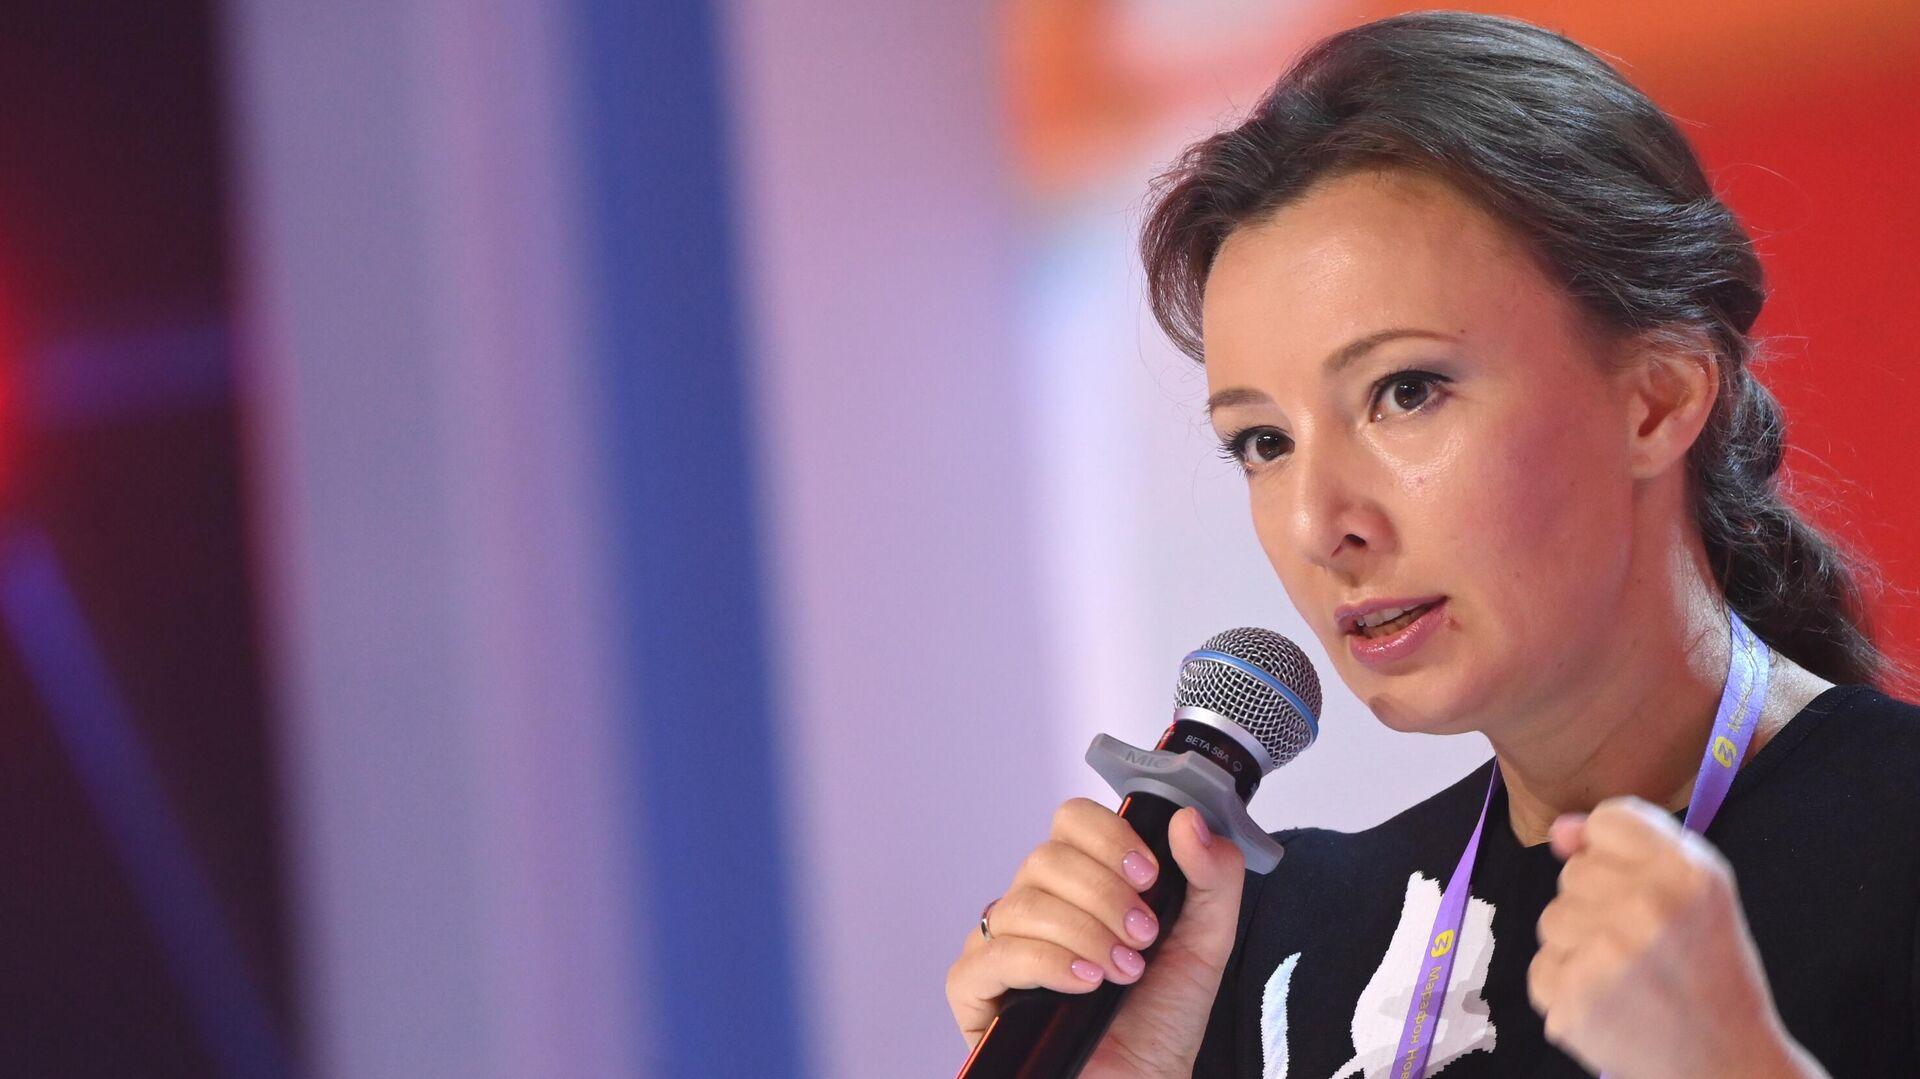 Кузнецова может занять пост вице-спикера Госдумы, сообщил источник в ЕР